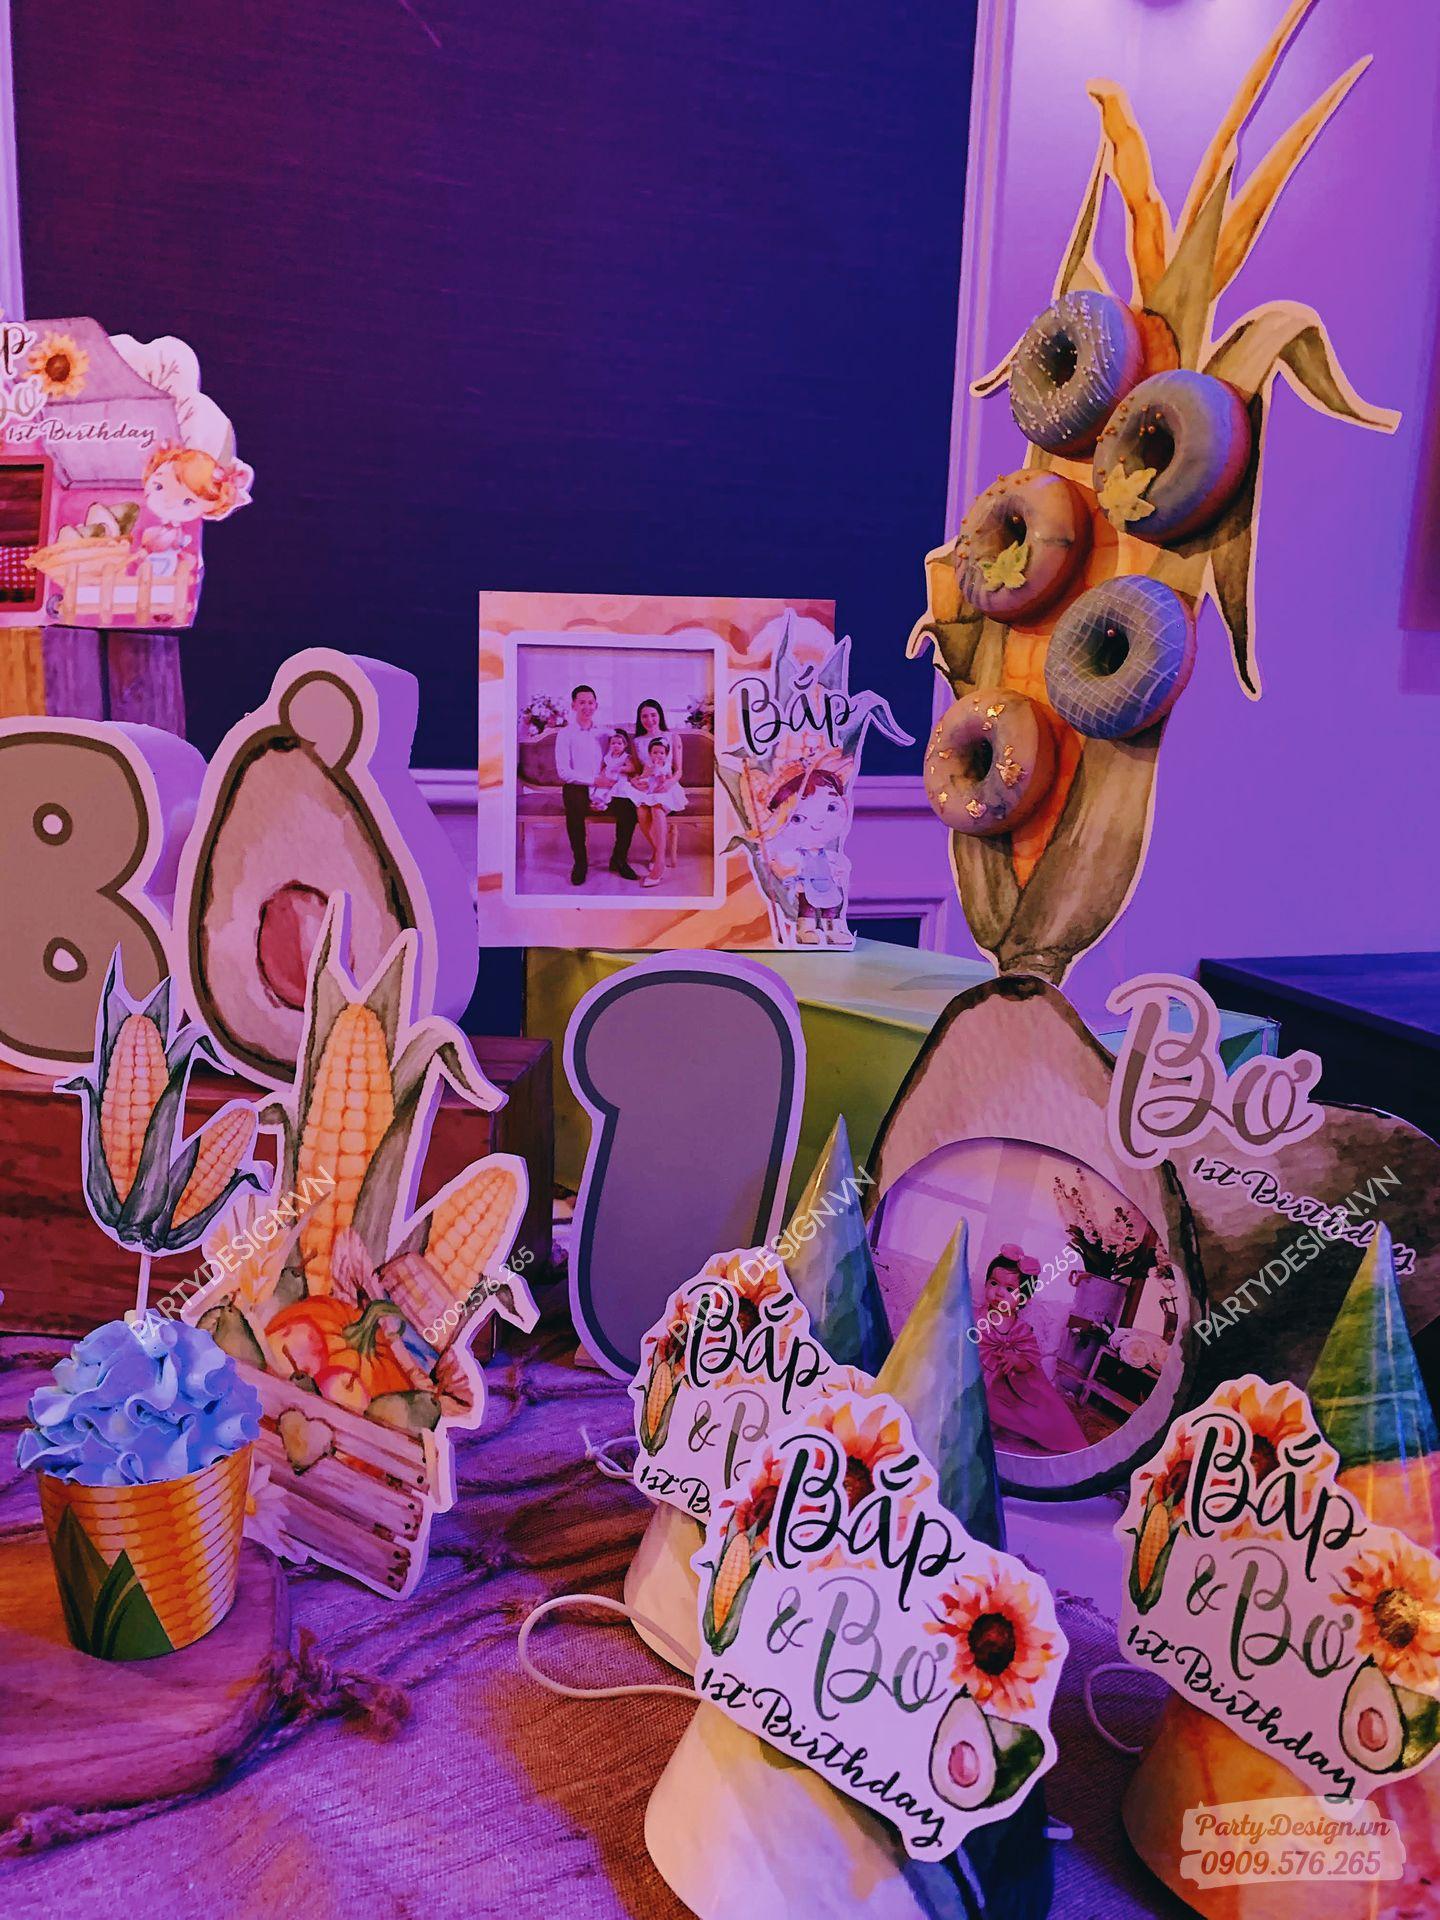 Phụ kiện trang trí sinh nhật Bắp và Bơ sinh đôi